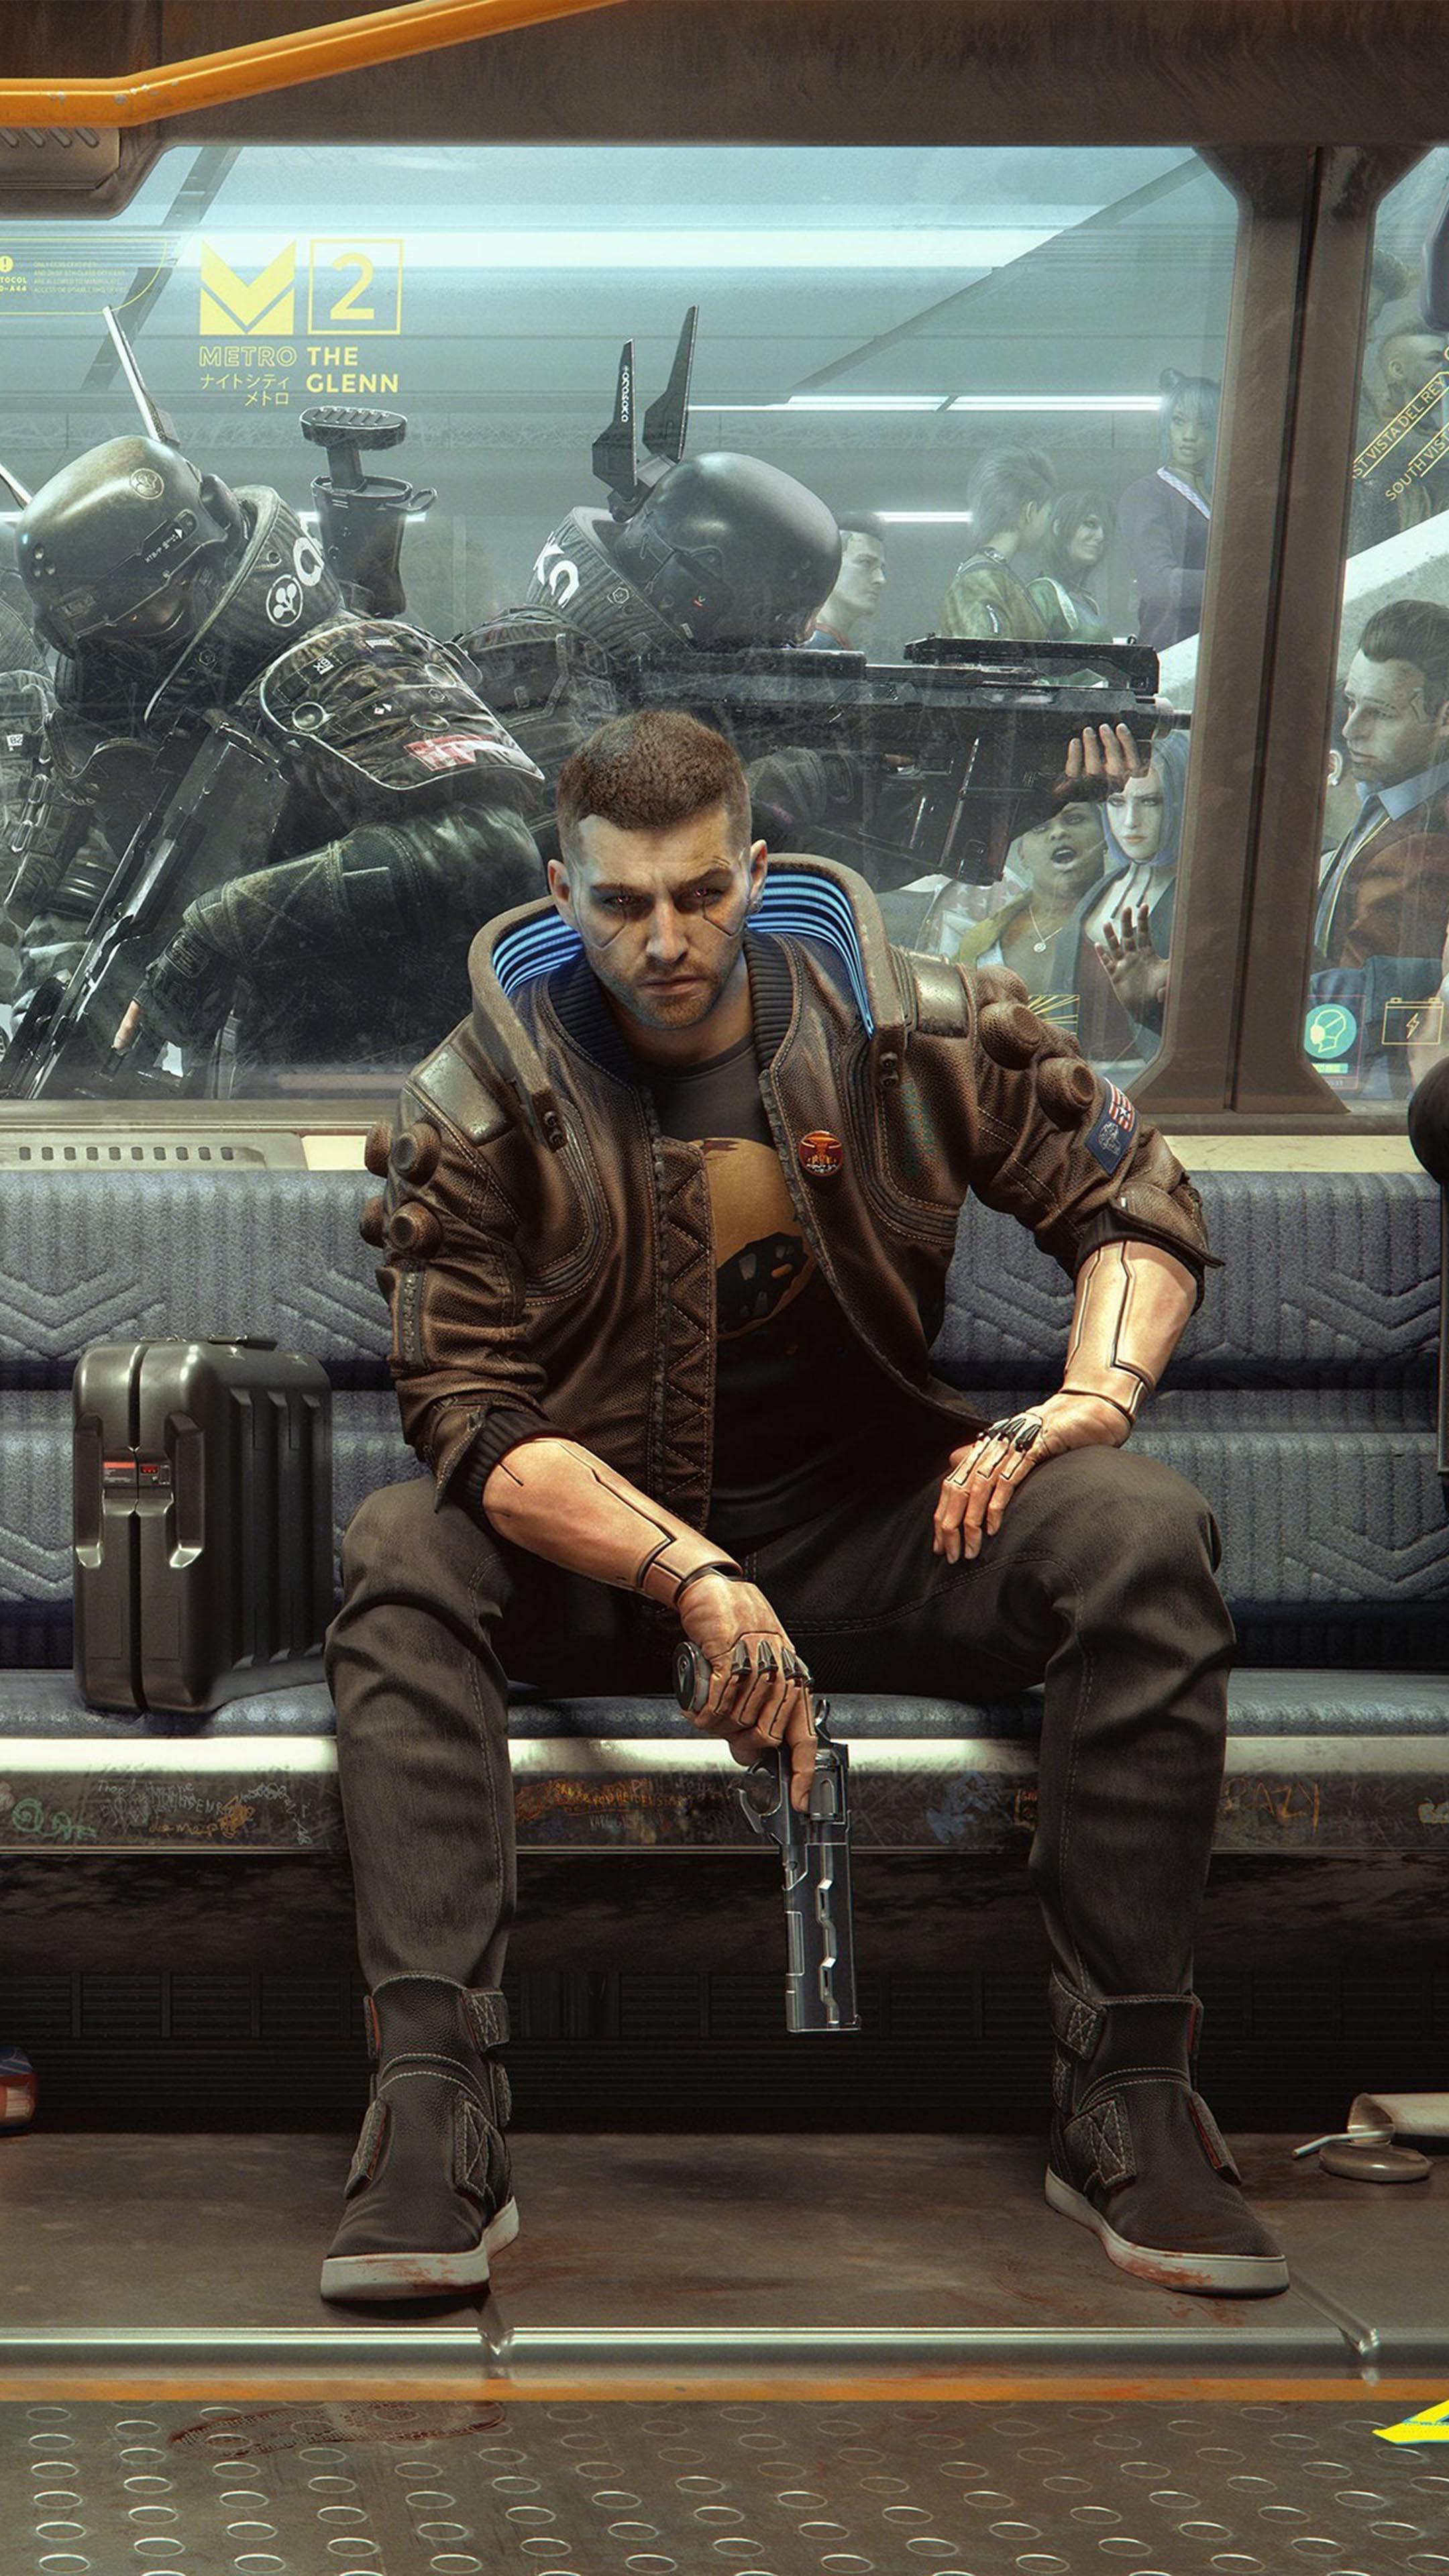 Cyberpunk 2077 Metro Soldiers 4k Ultra Hd Mobile Wallpaper